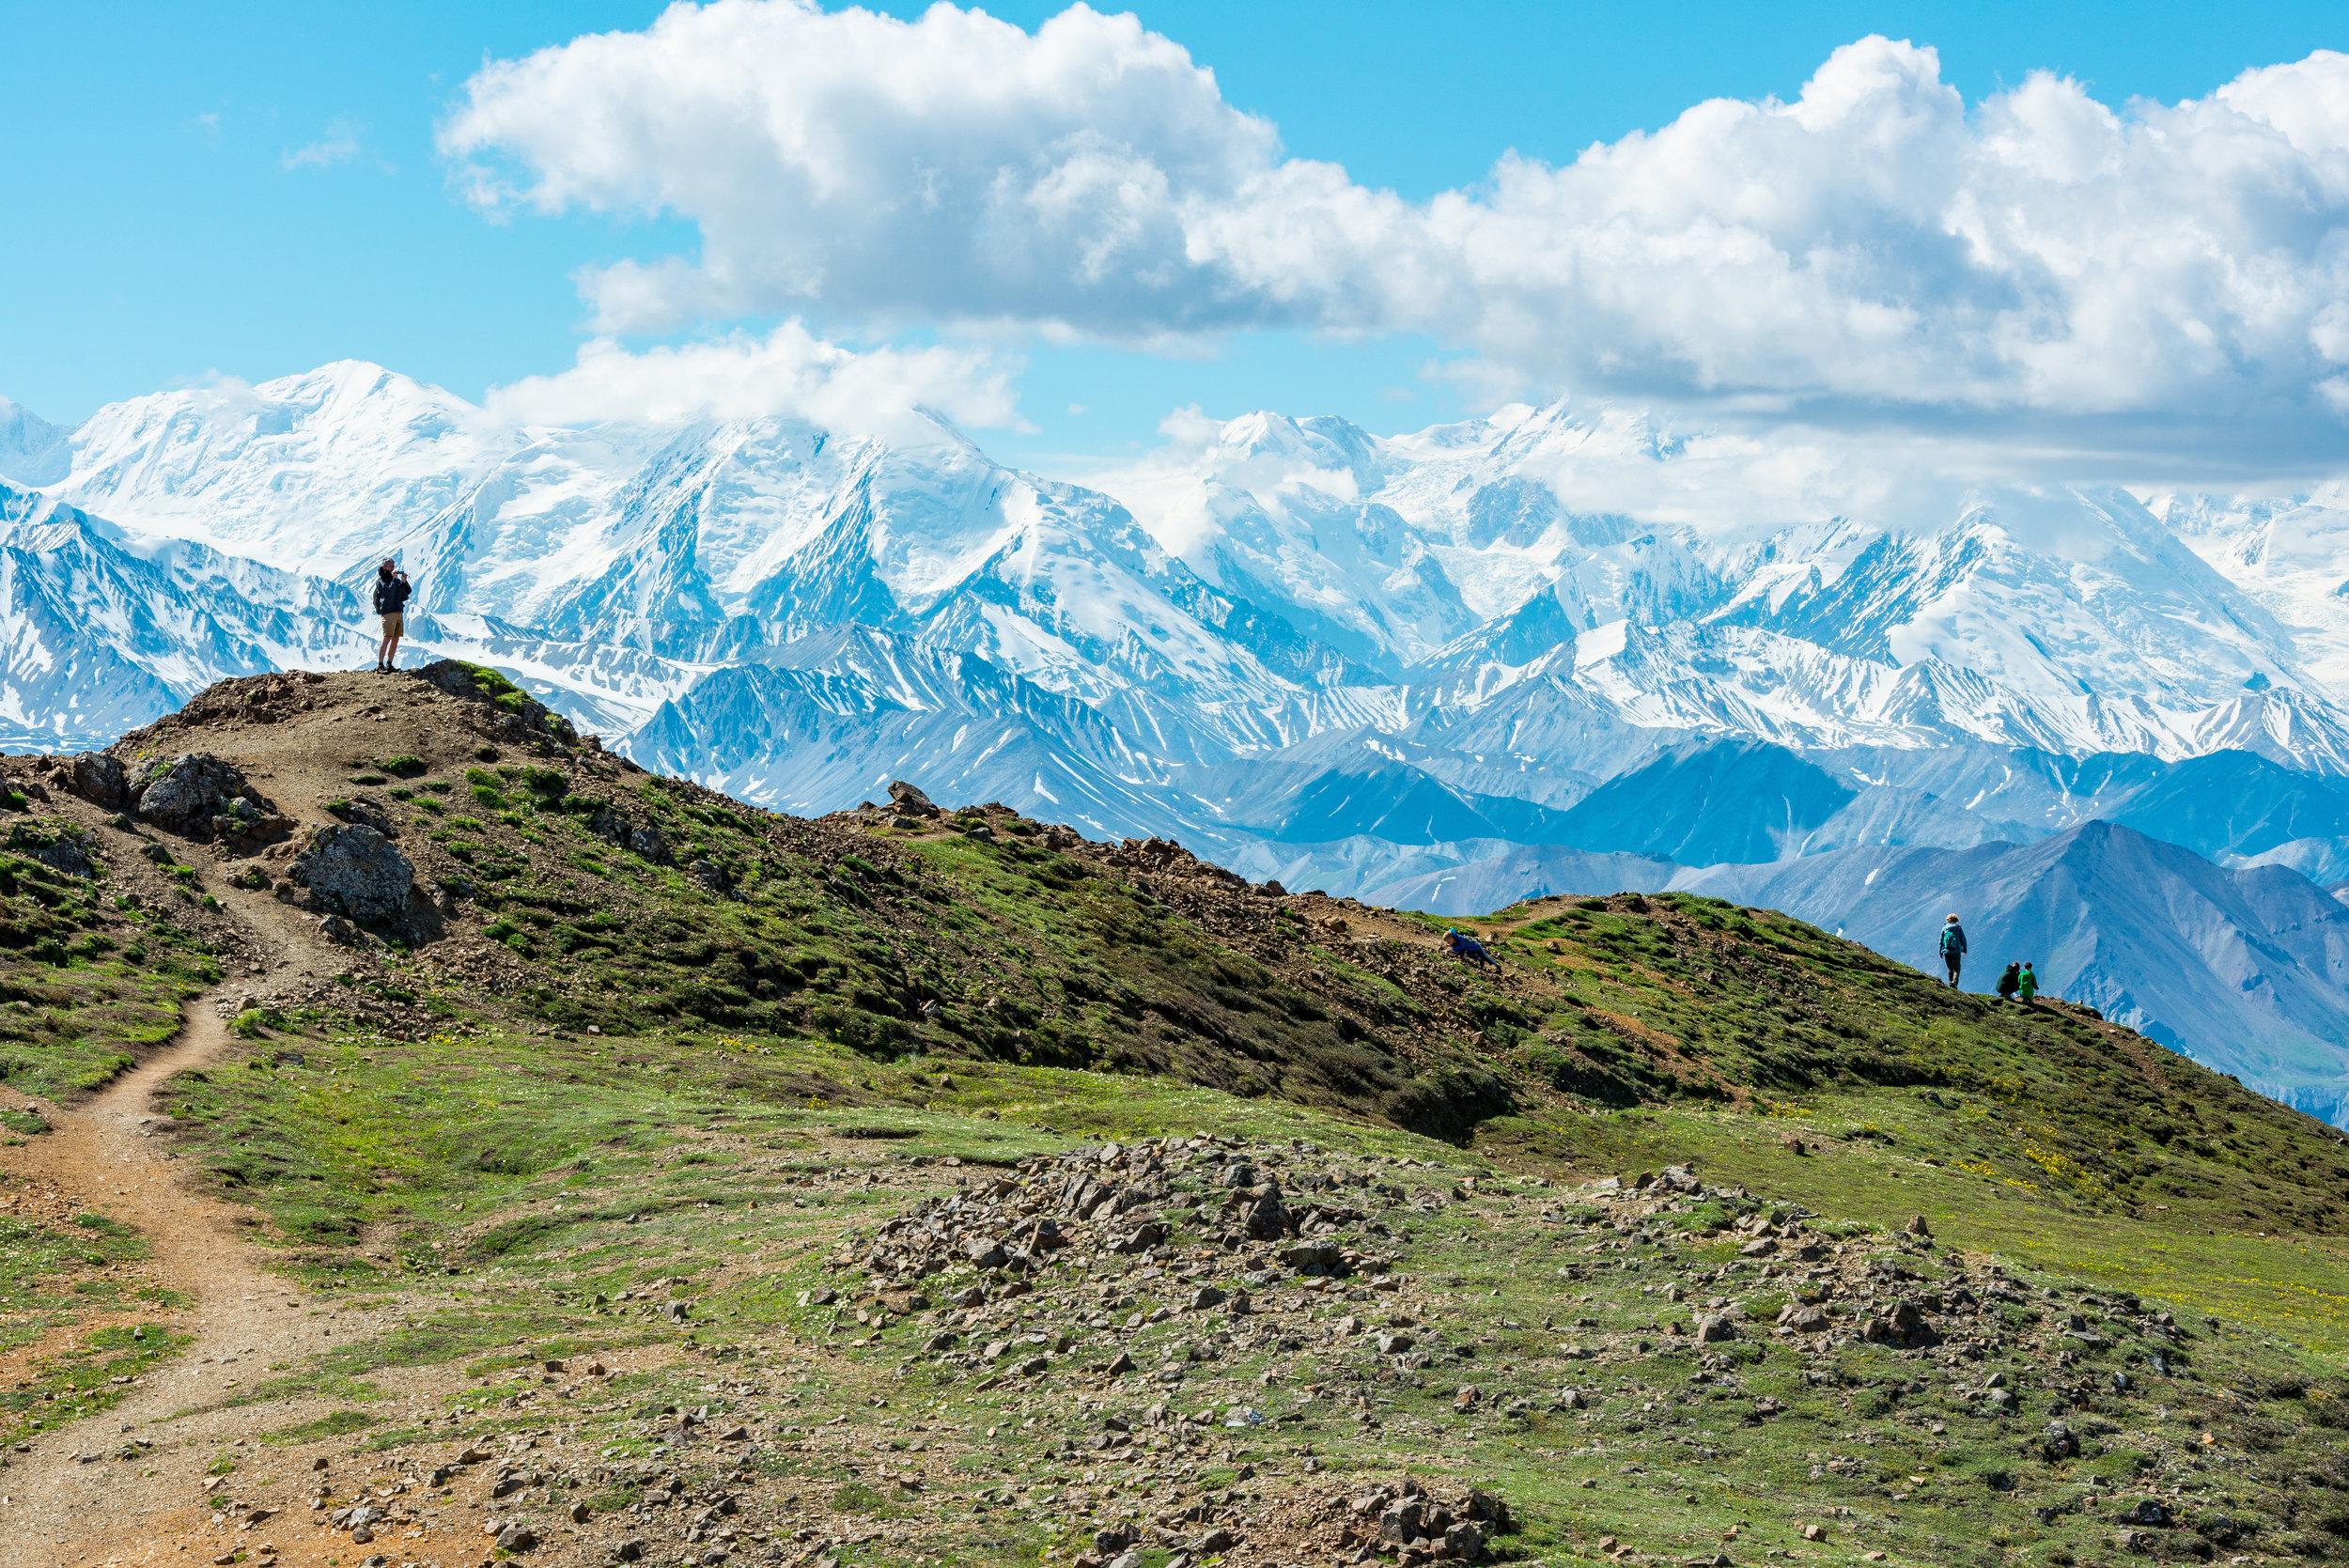 Top of the Alpine ridge overlooking Denali